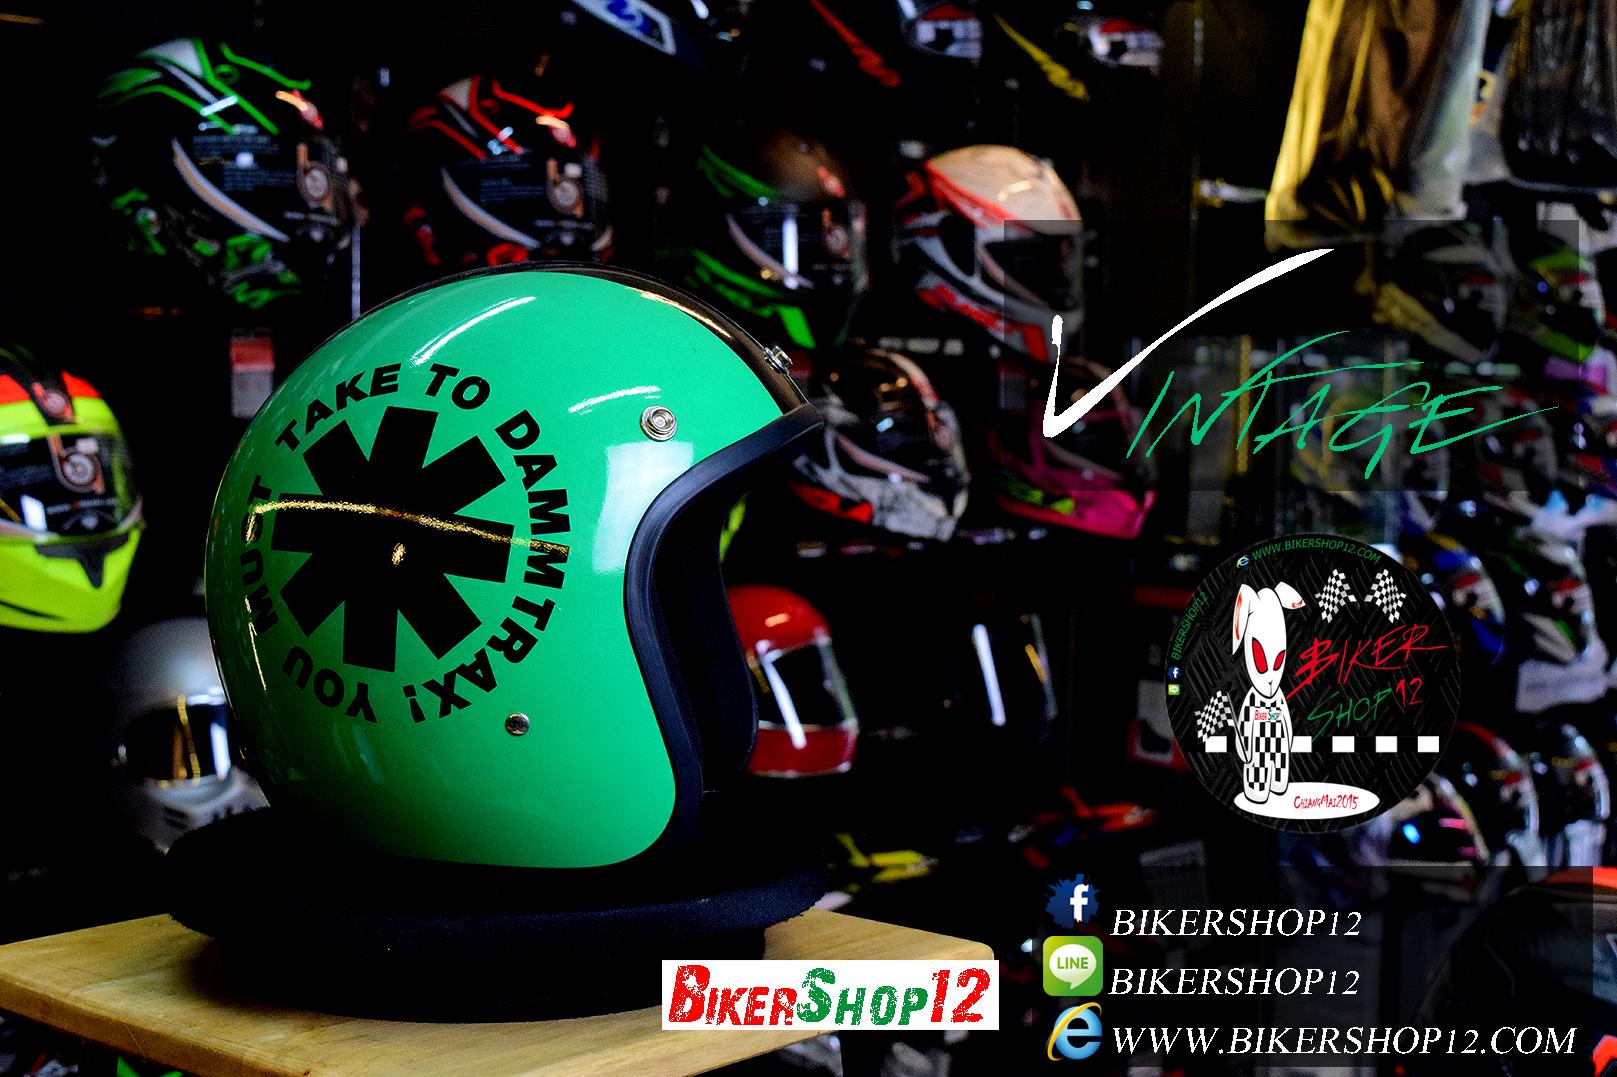 หมวกกันน็อคคลาสสิก 5เป๊ก สีเขียวอ่อนลายดำ (LB Speed Wheel) สำเนา